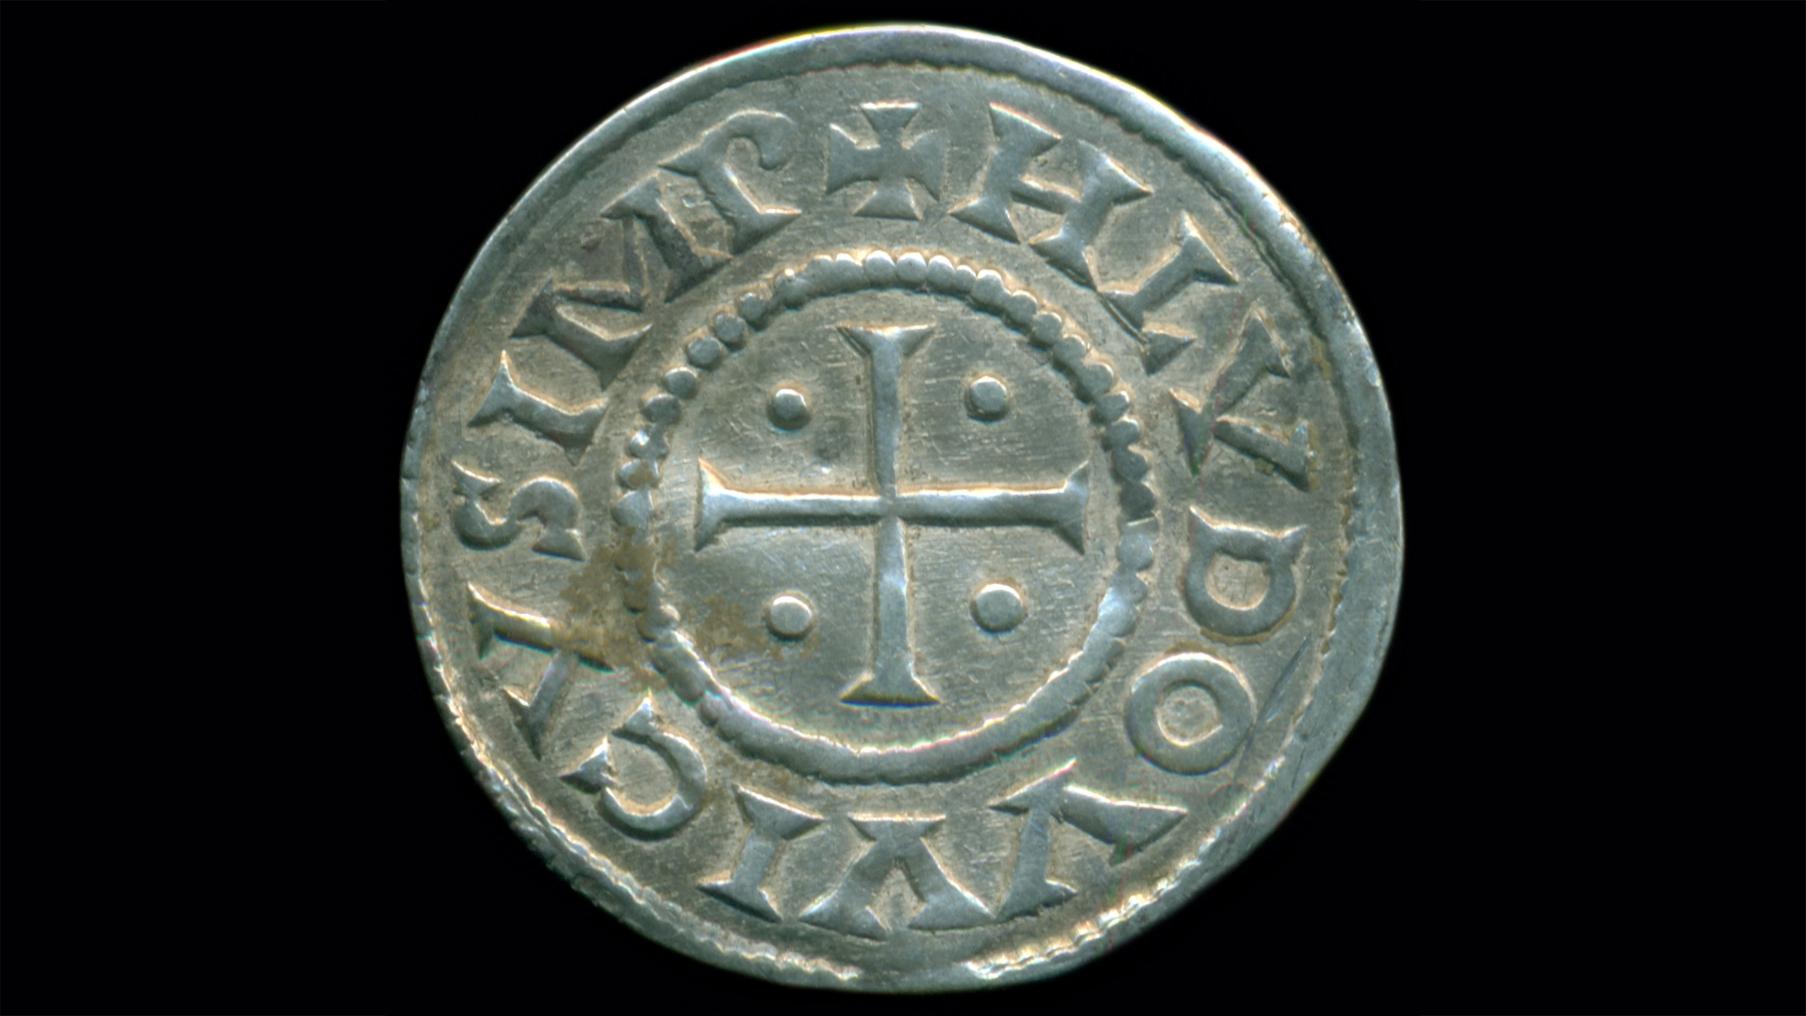 Au total, 118 pièces d'argent carolingiennes, vieilles d'environ 1200 ans, ont été déterrées dans le champ d'un fermier près de la ville de Biskupiec, dans le nord-est de la Pologne.